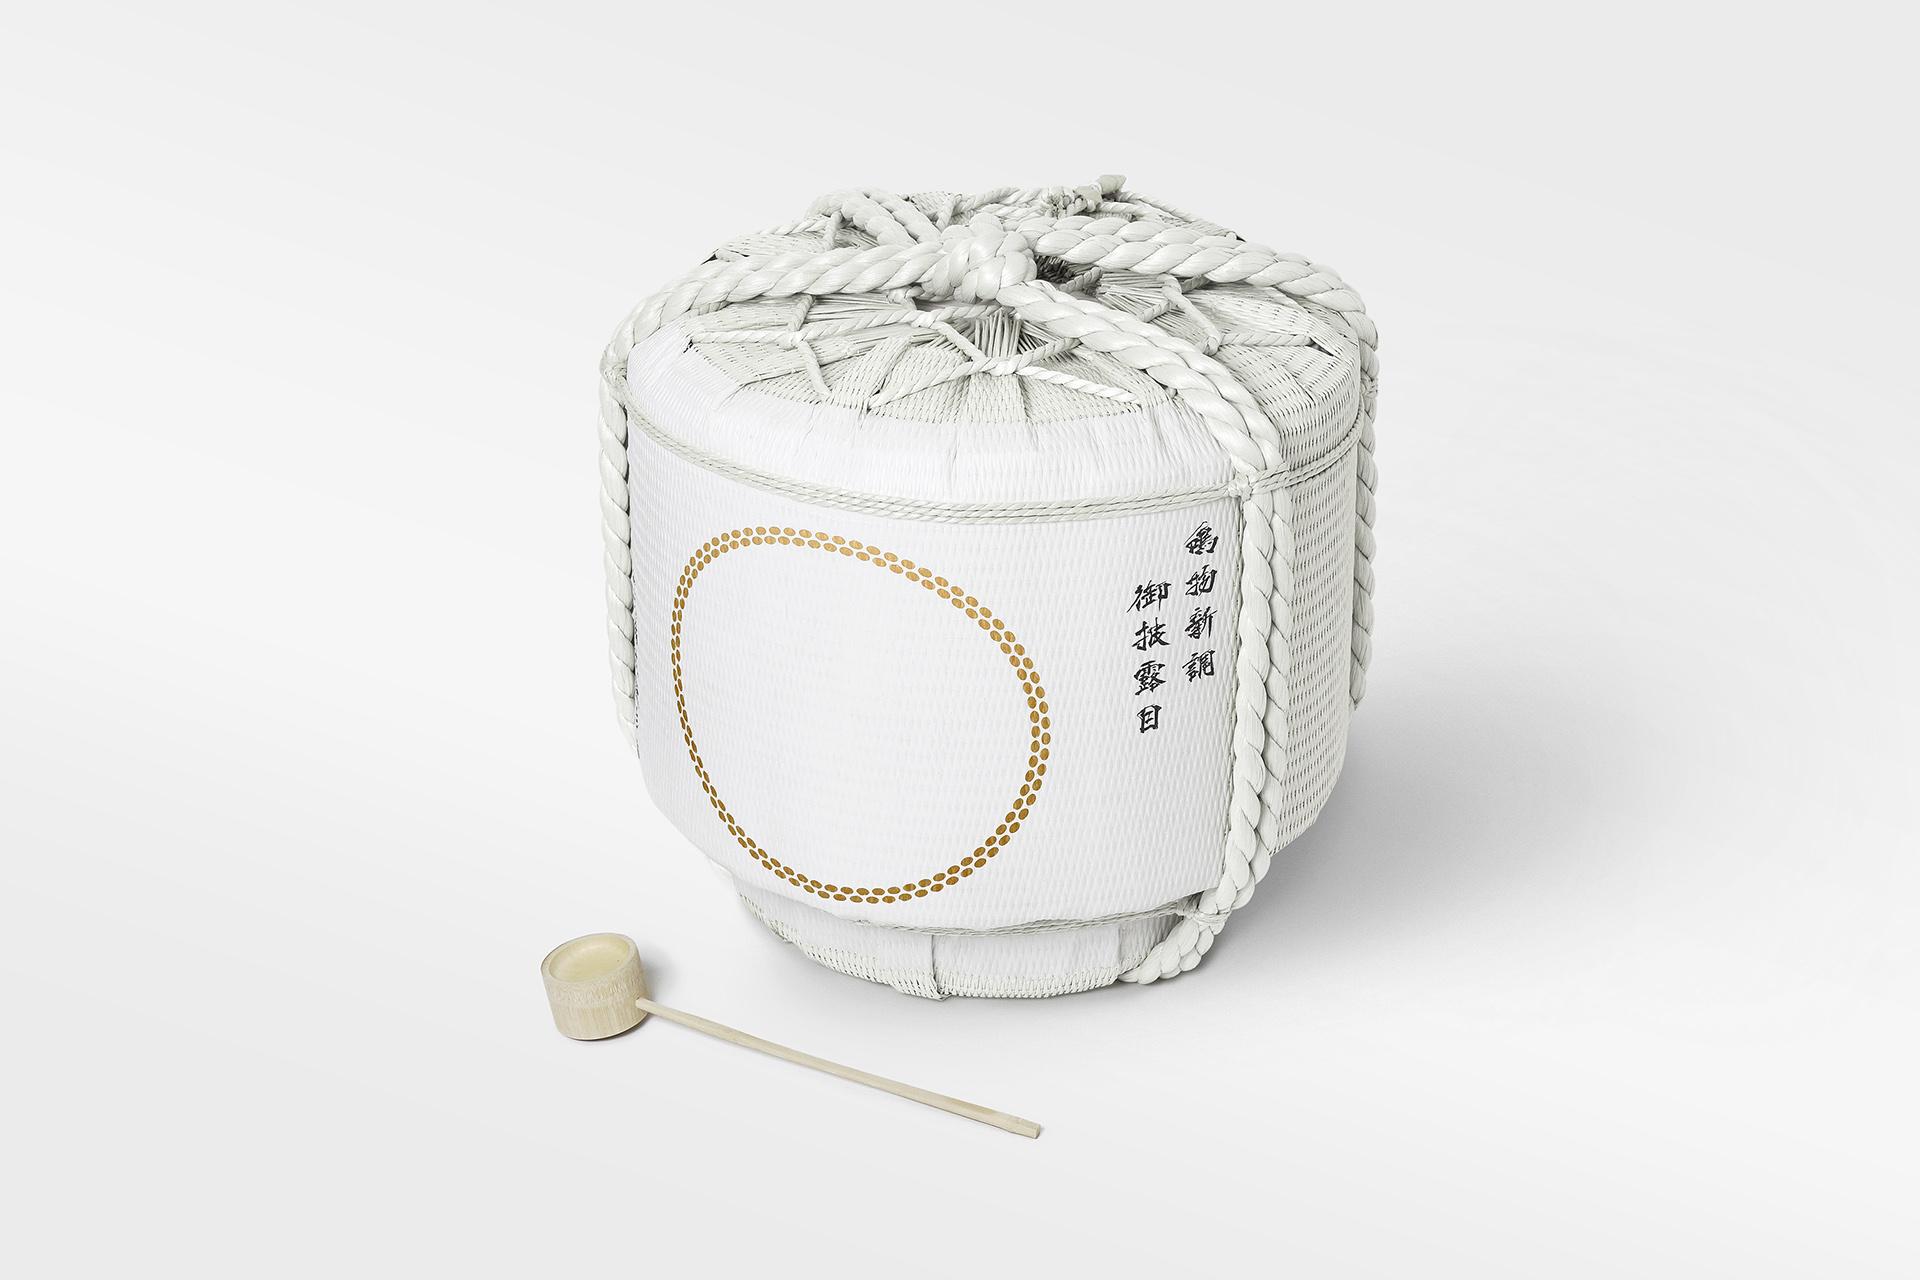 全球资讯_日本传统节日仪式毛巾包装设计 - 视觉同盟(VisionUnion.com)